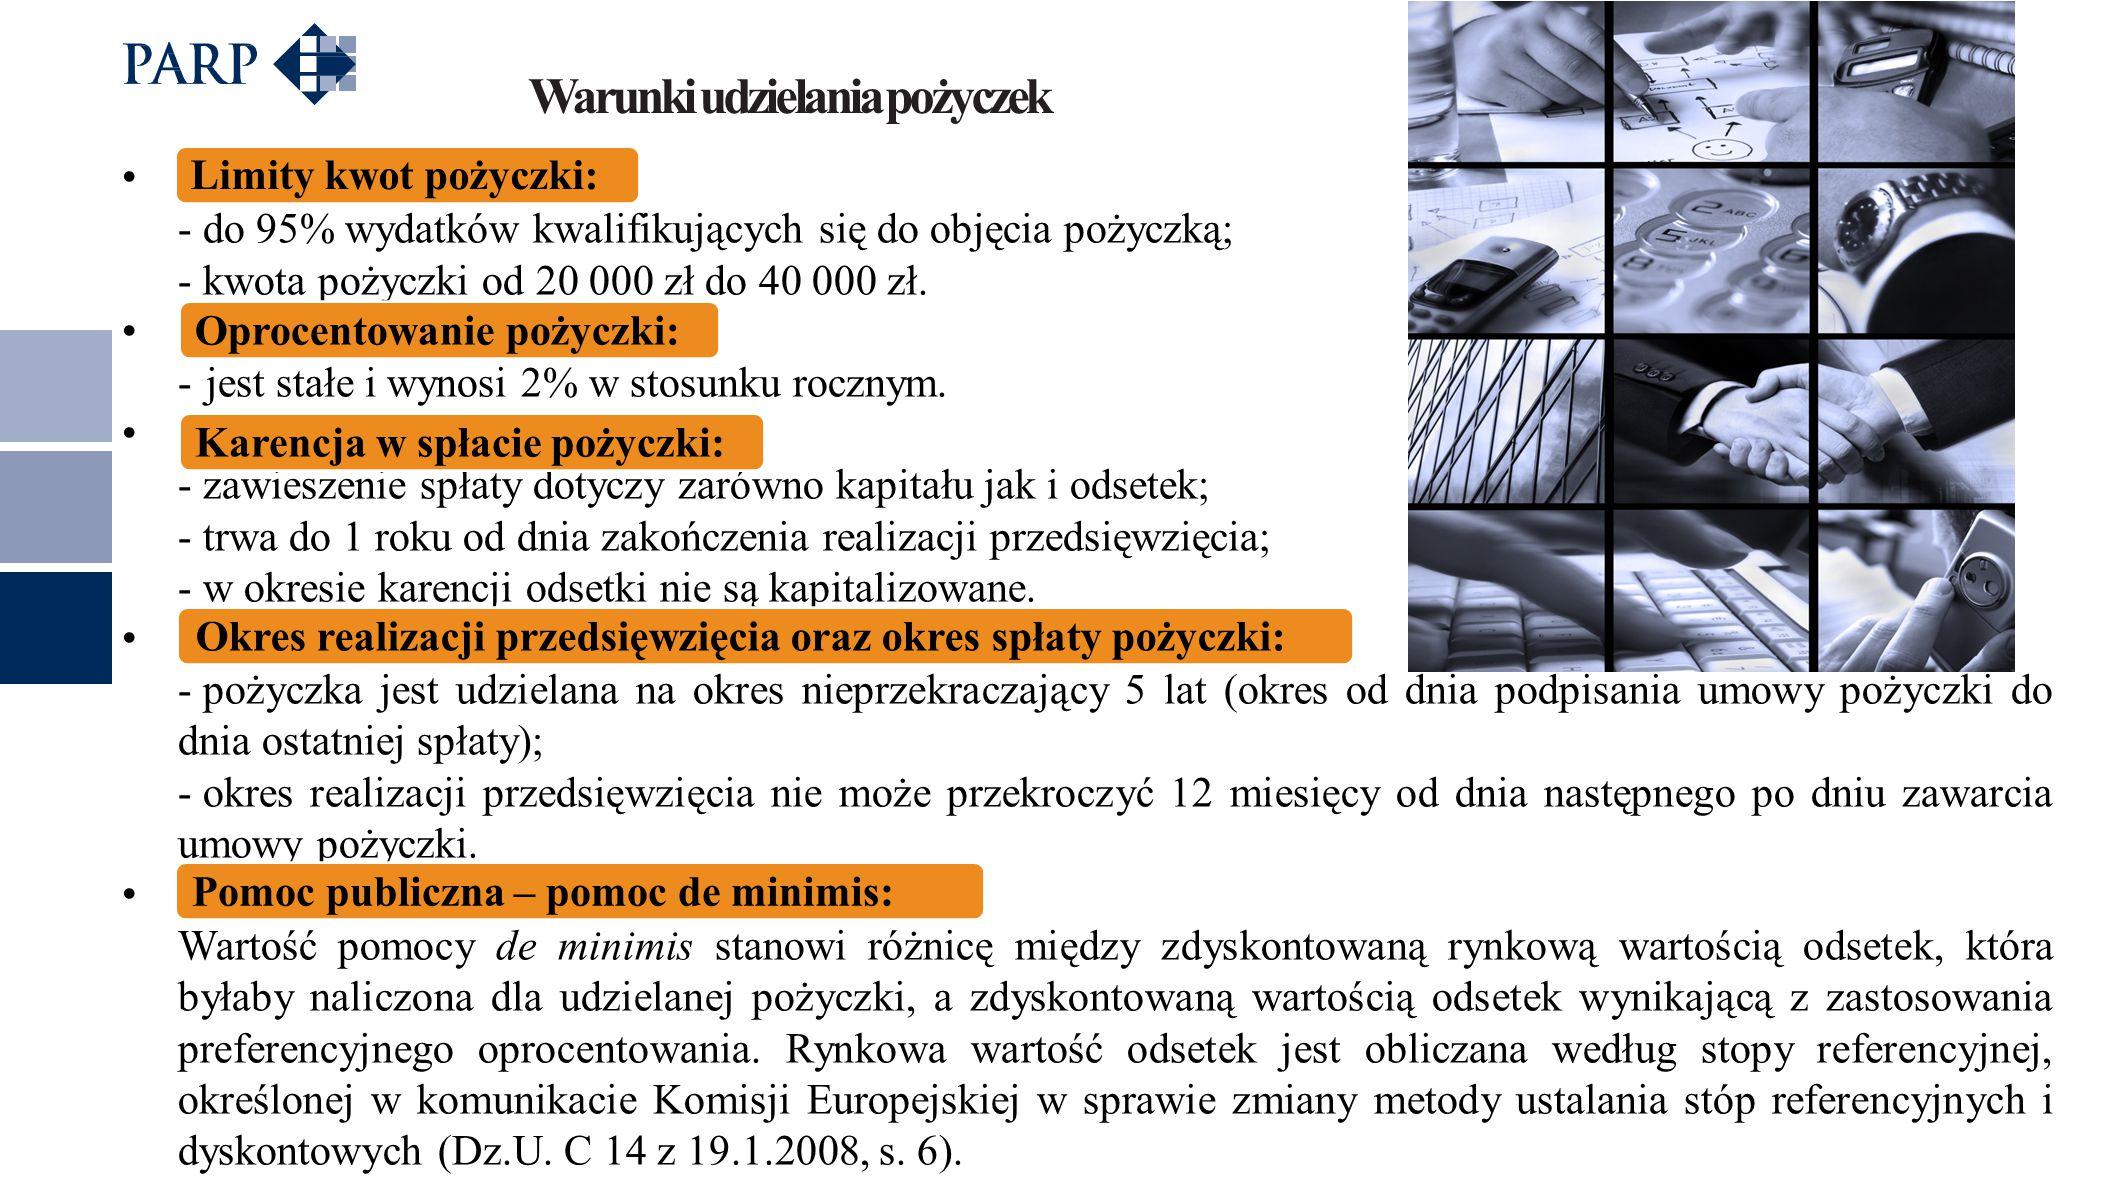 Limity kwot pożyczki: - do 95% wydatków kwalifikujących się do objęcia pożyczką; - kwota pożyczki od 20 000 zł do 40 000 zł.